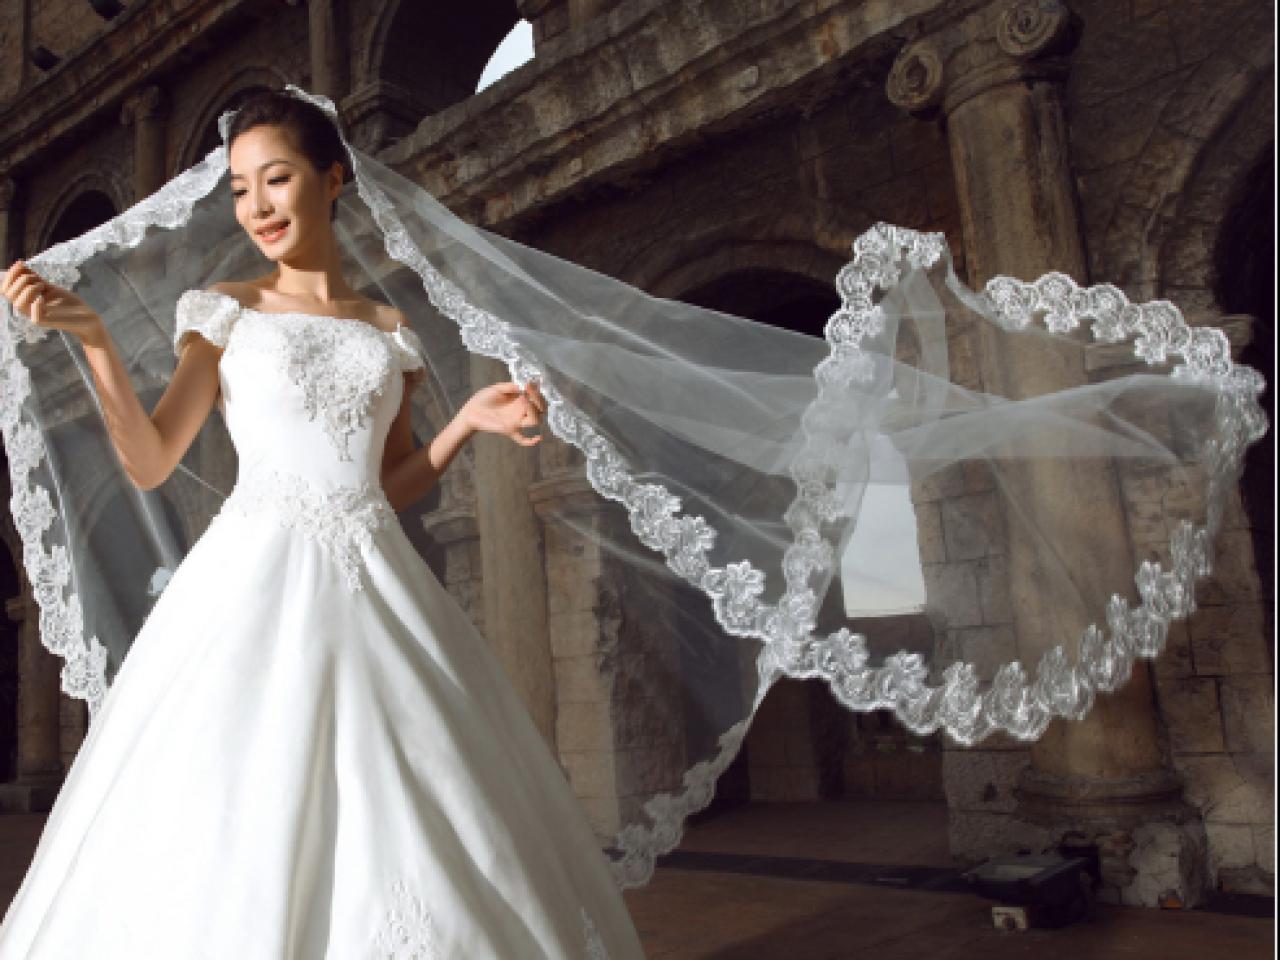 171b1bd41c Todo tipo de velos de novia usados a precios convenientes